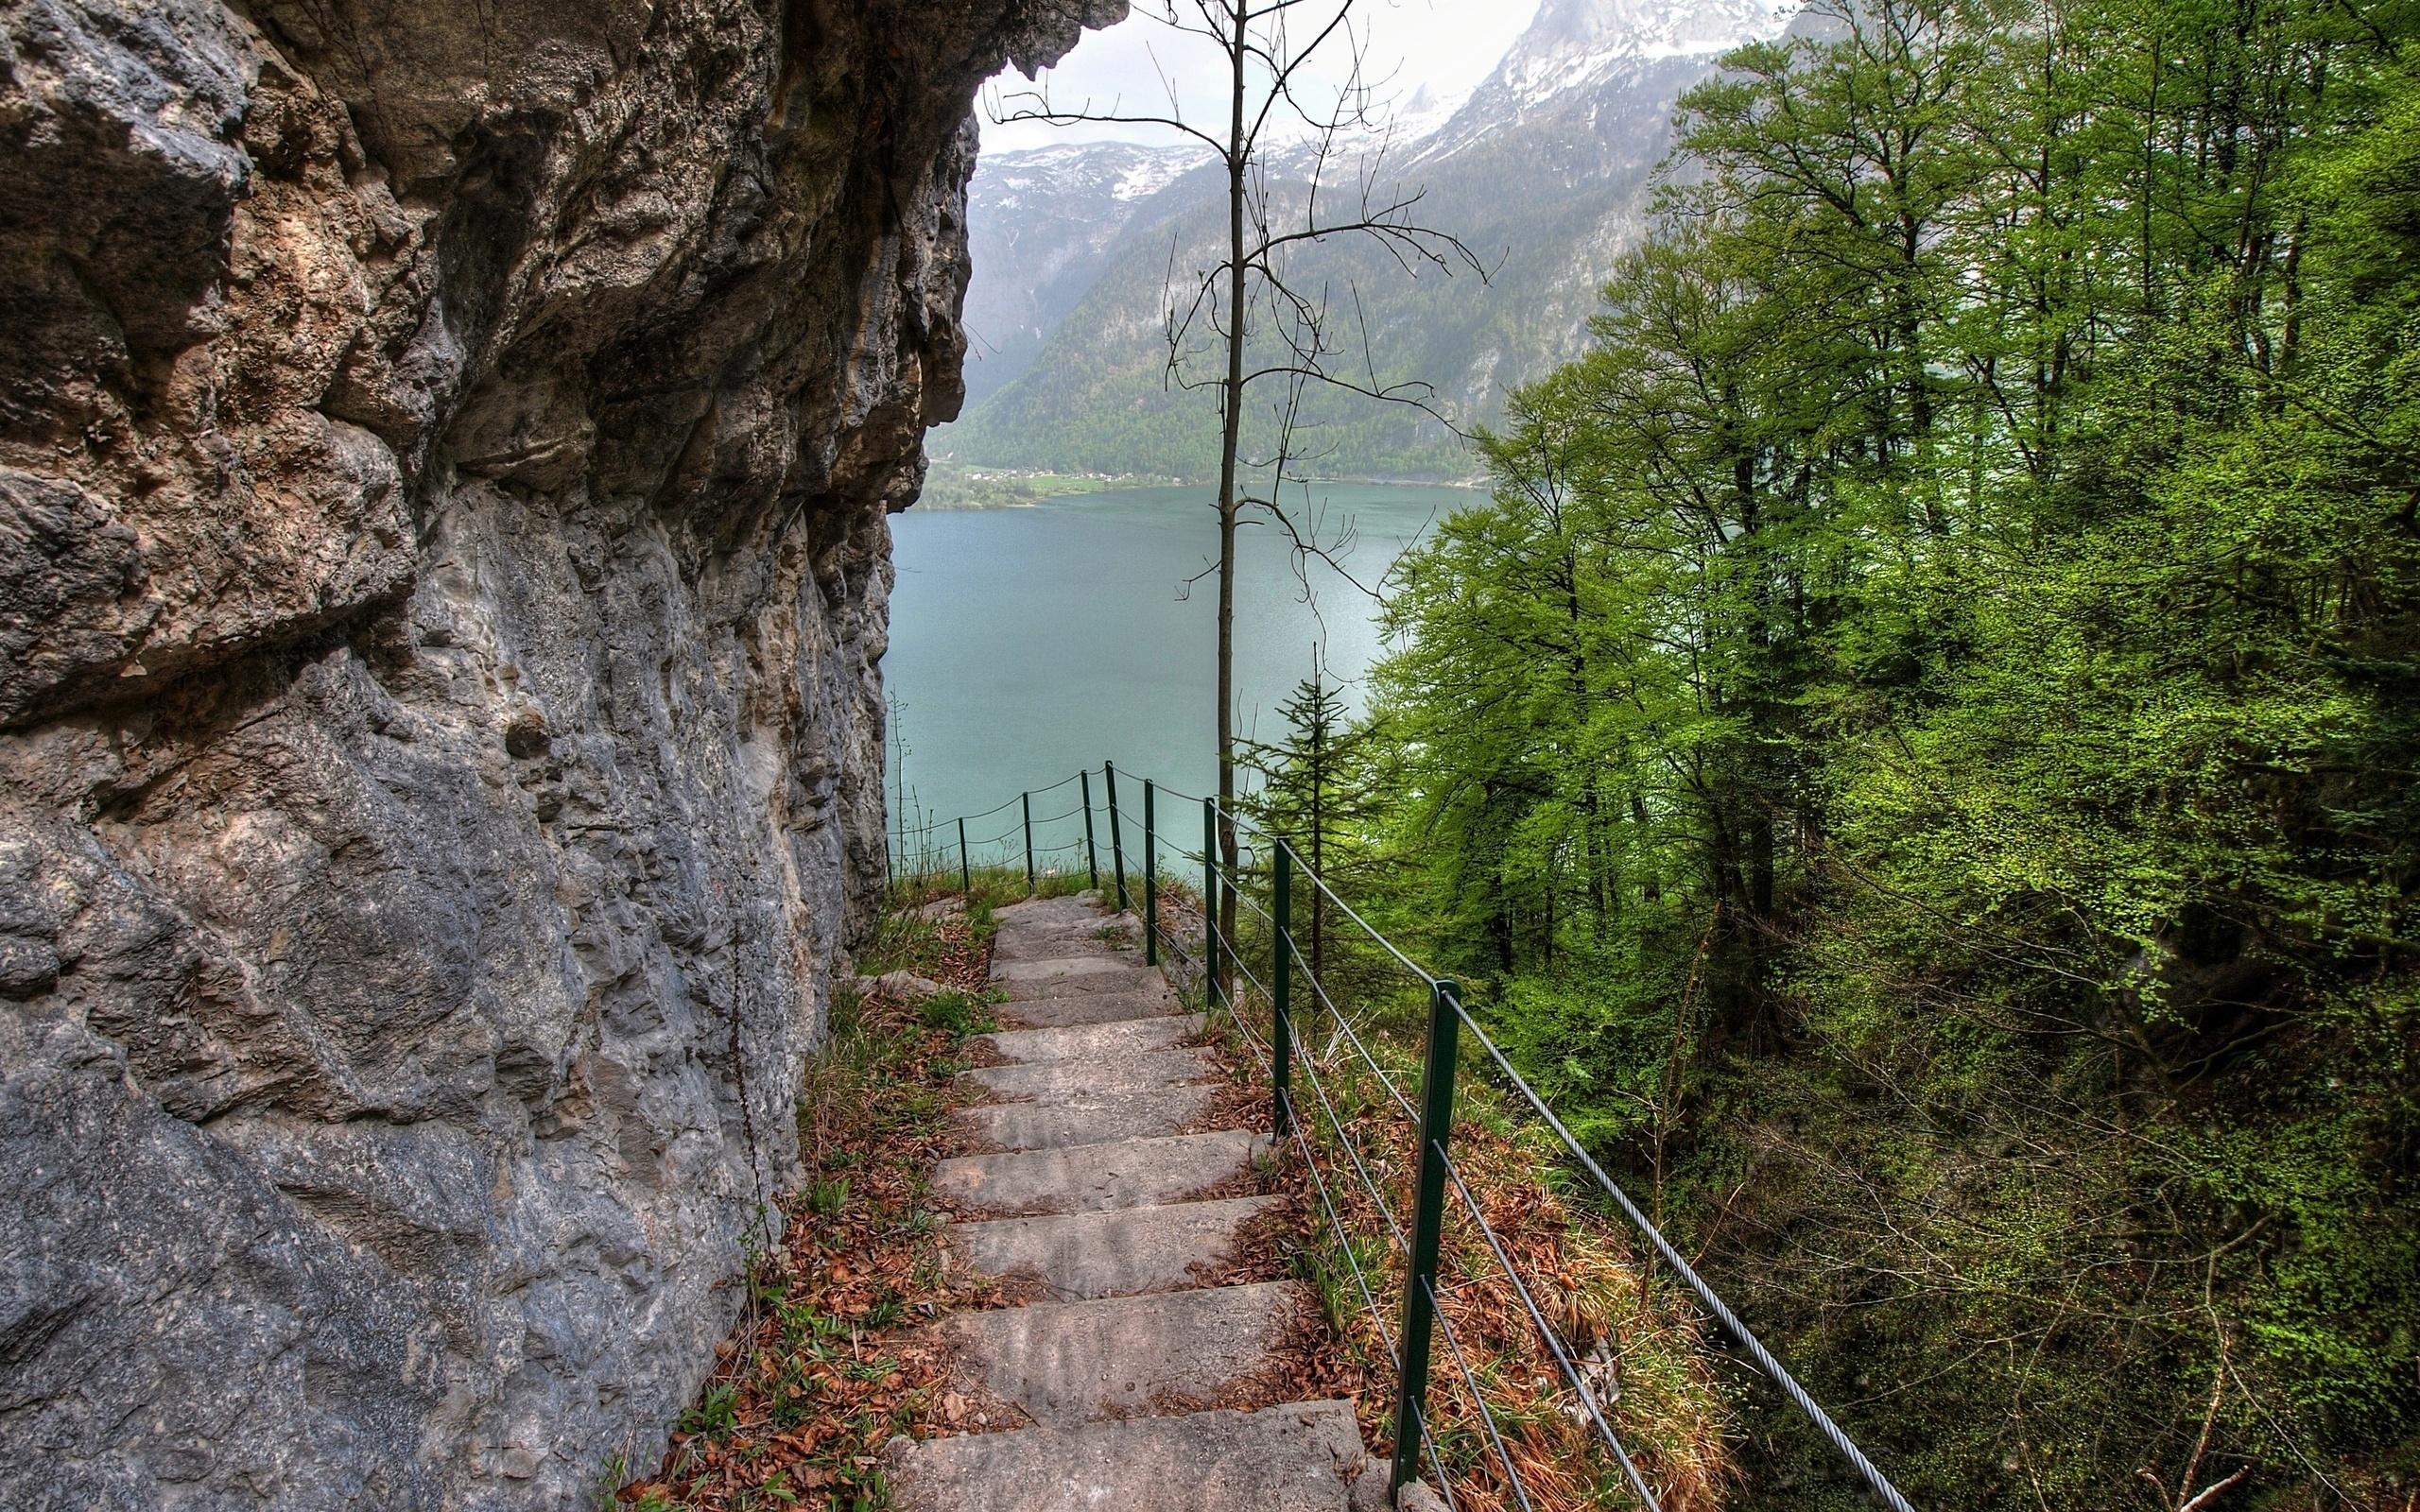 этого картинки лестницы в гору подсолнух неприхотлив, потребует